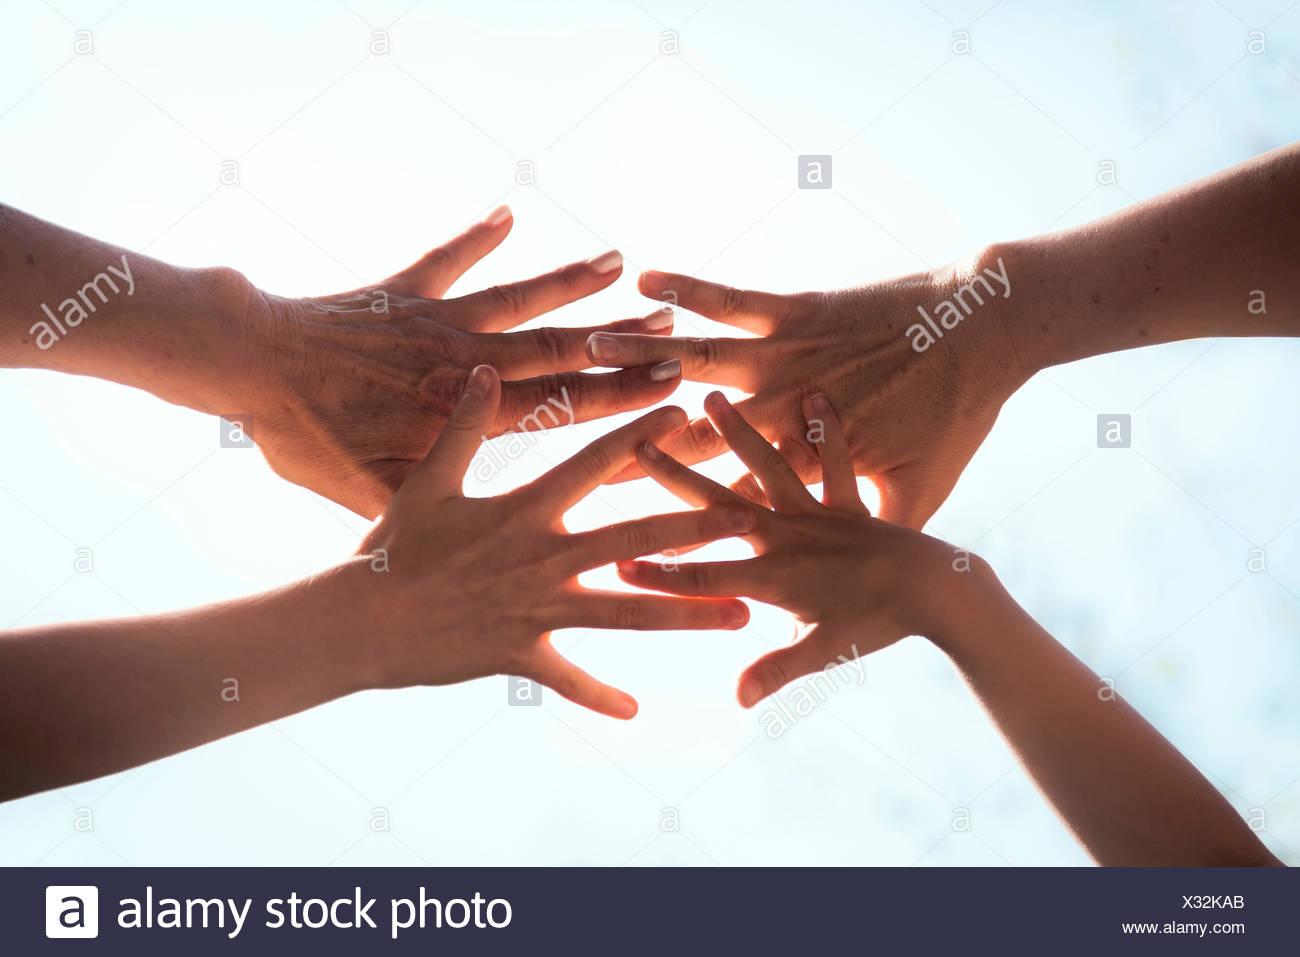 In prossimità di una famiglia le mani insieme contro la luce solare, Baviera, Germania Immagini Stock